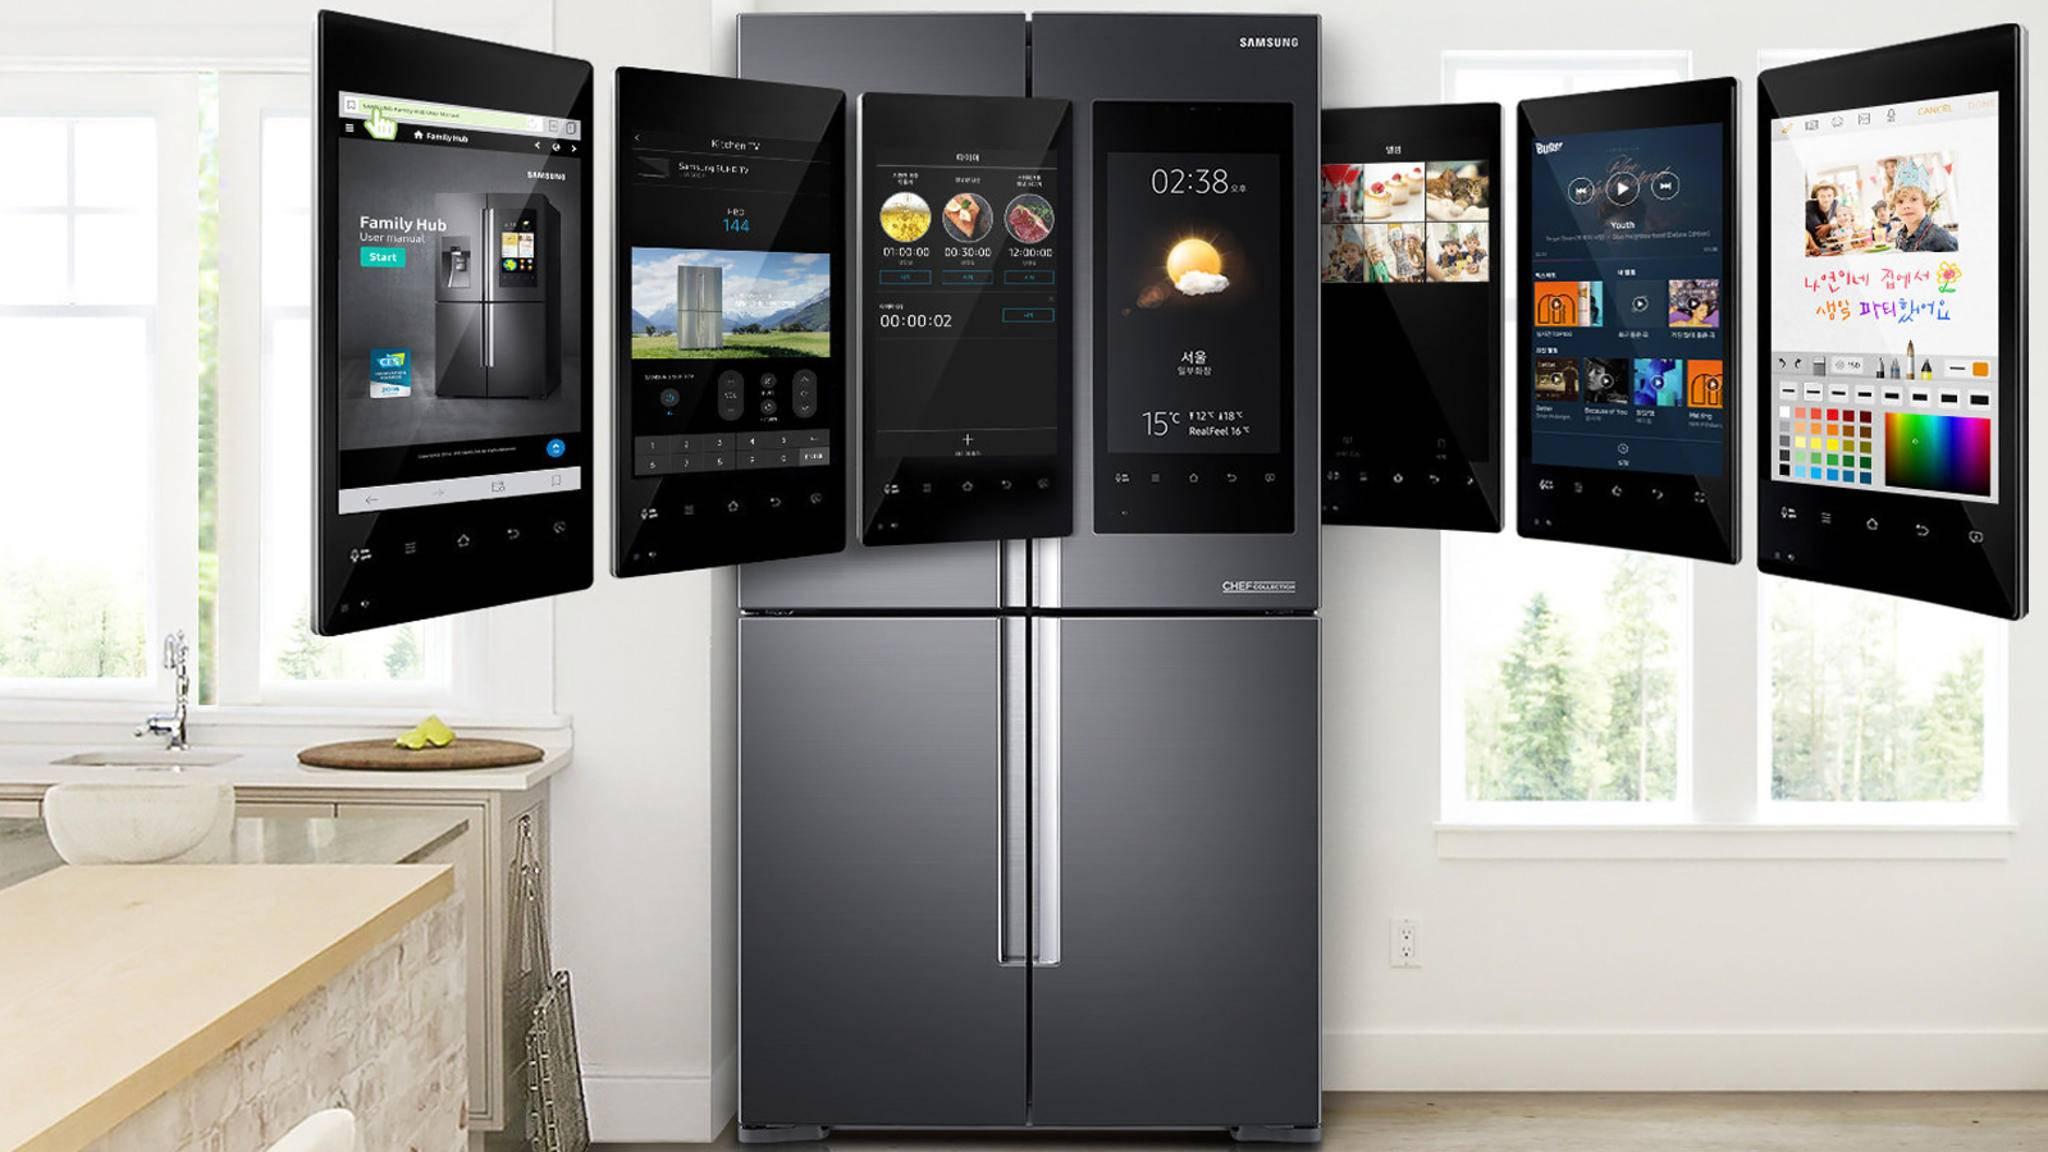 Smarte Kühlschränke wie die Modelle der Family-Hub-Reihe von Samsung machen die Küche zur Kommandozentrale des Smart Homes.